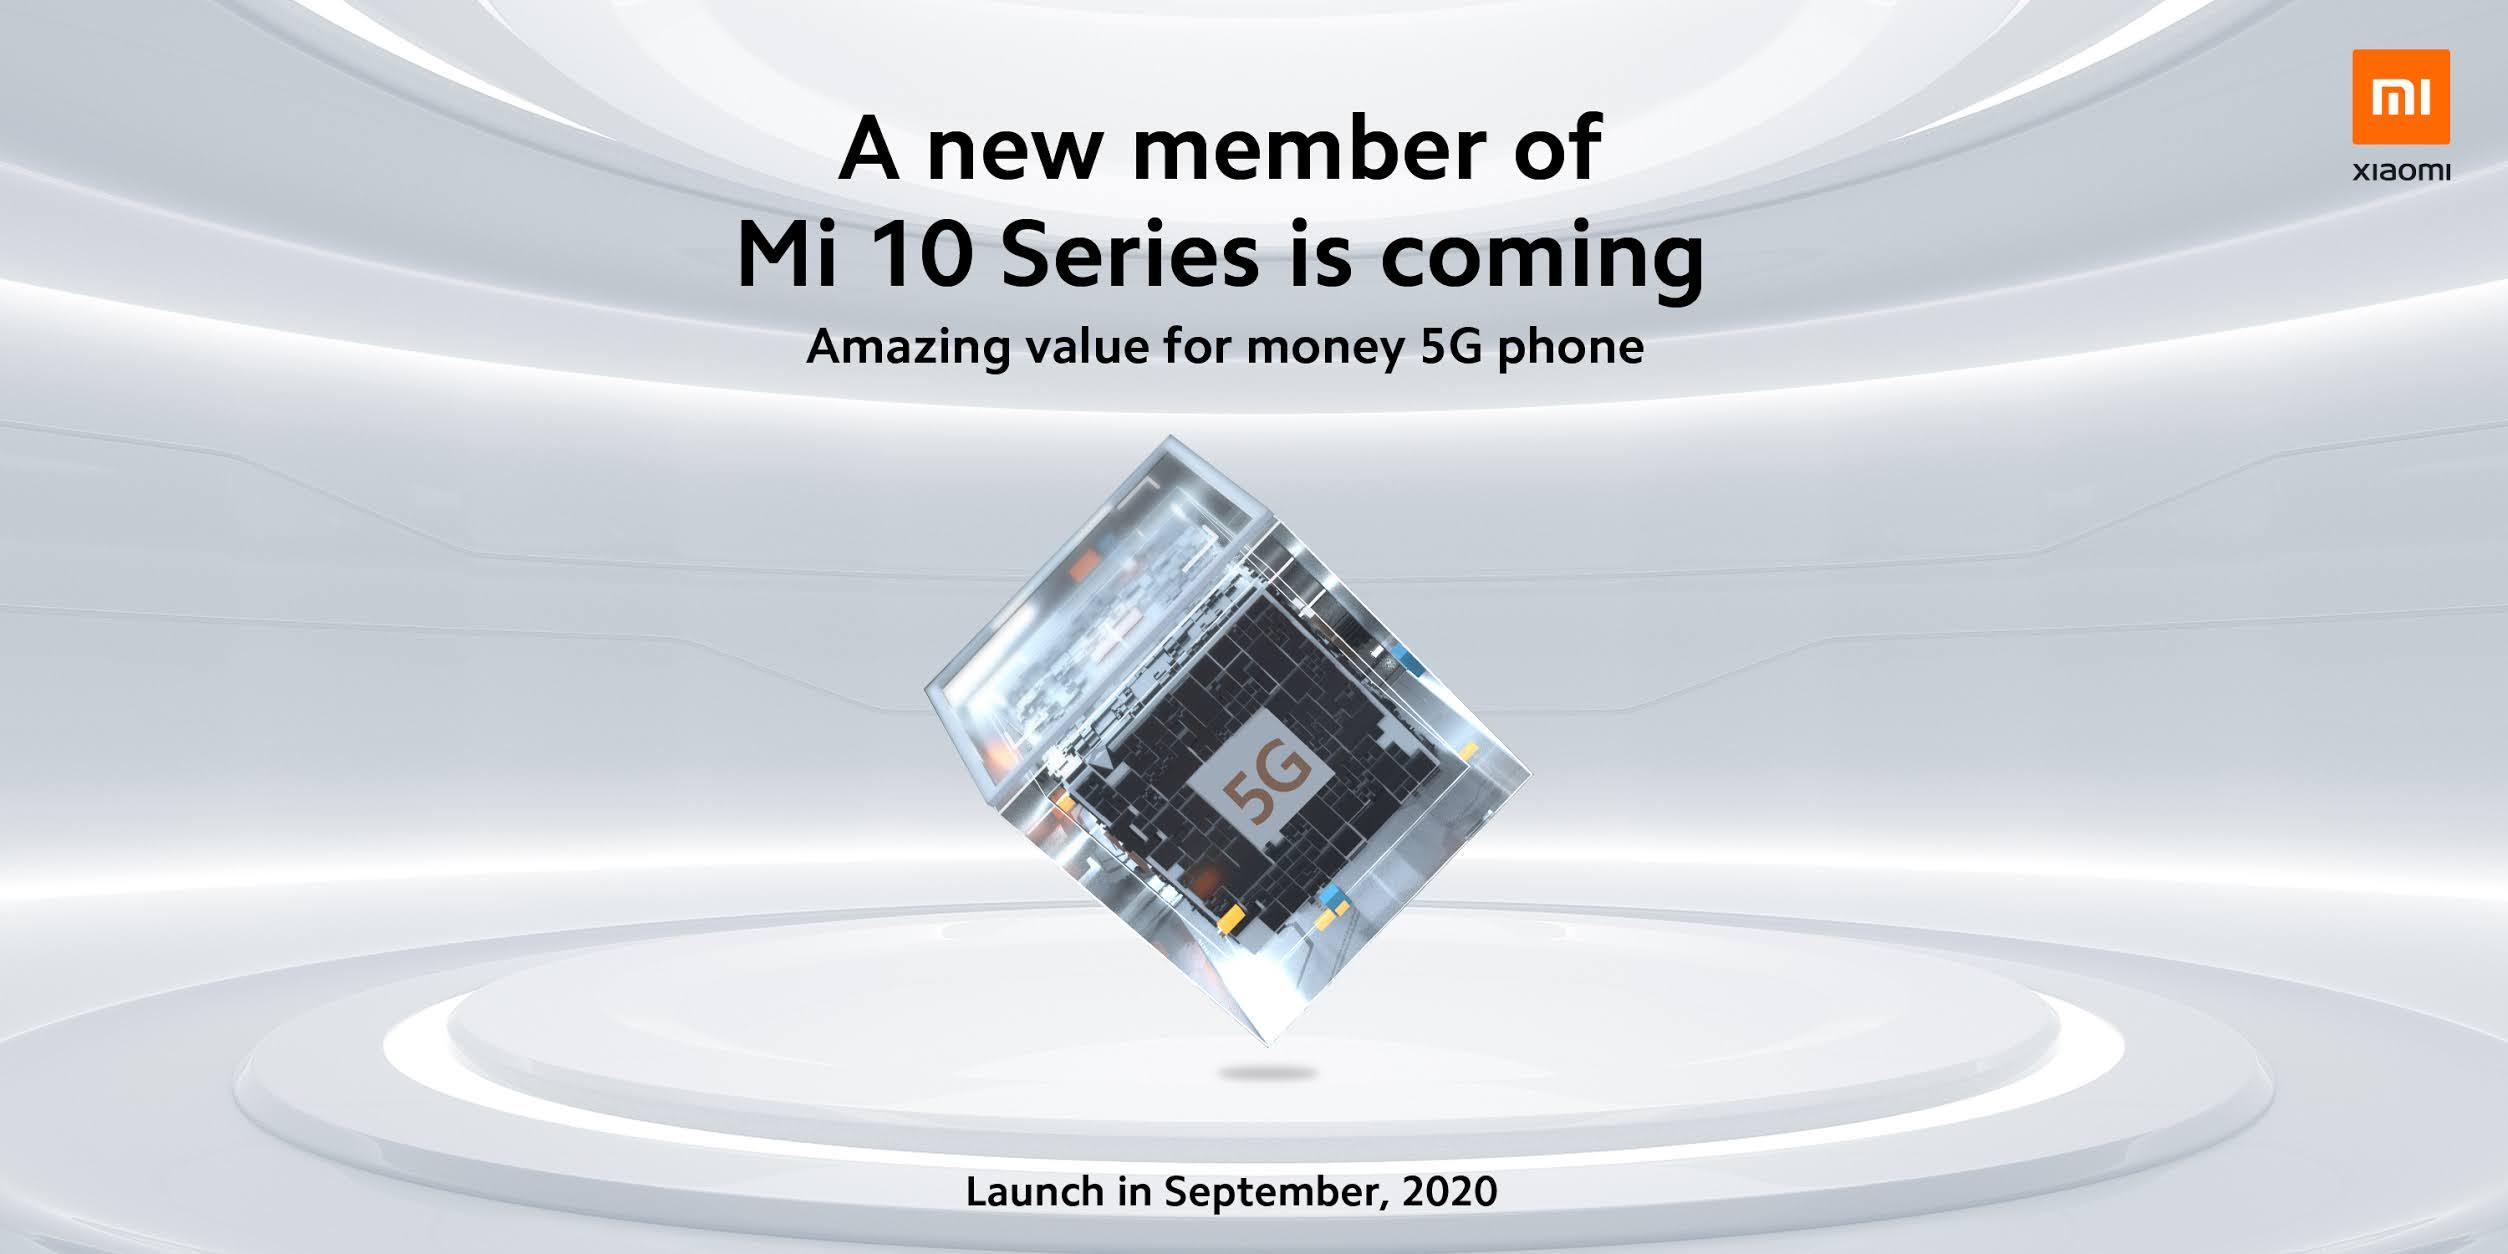 Xiaomi Mi 10: in arrivo nuovo modello 5G a 200 euro